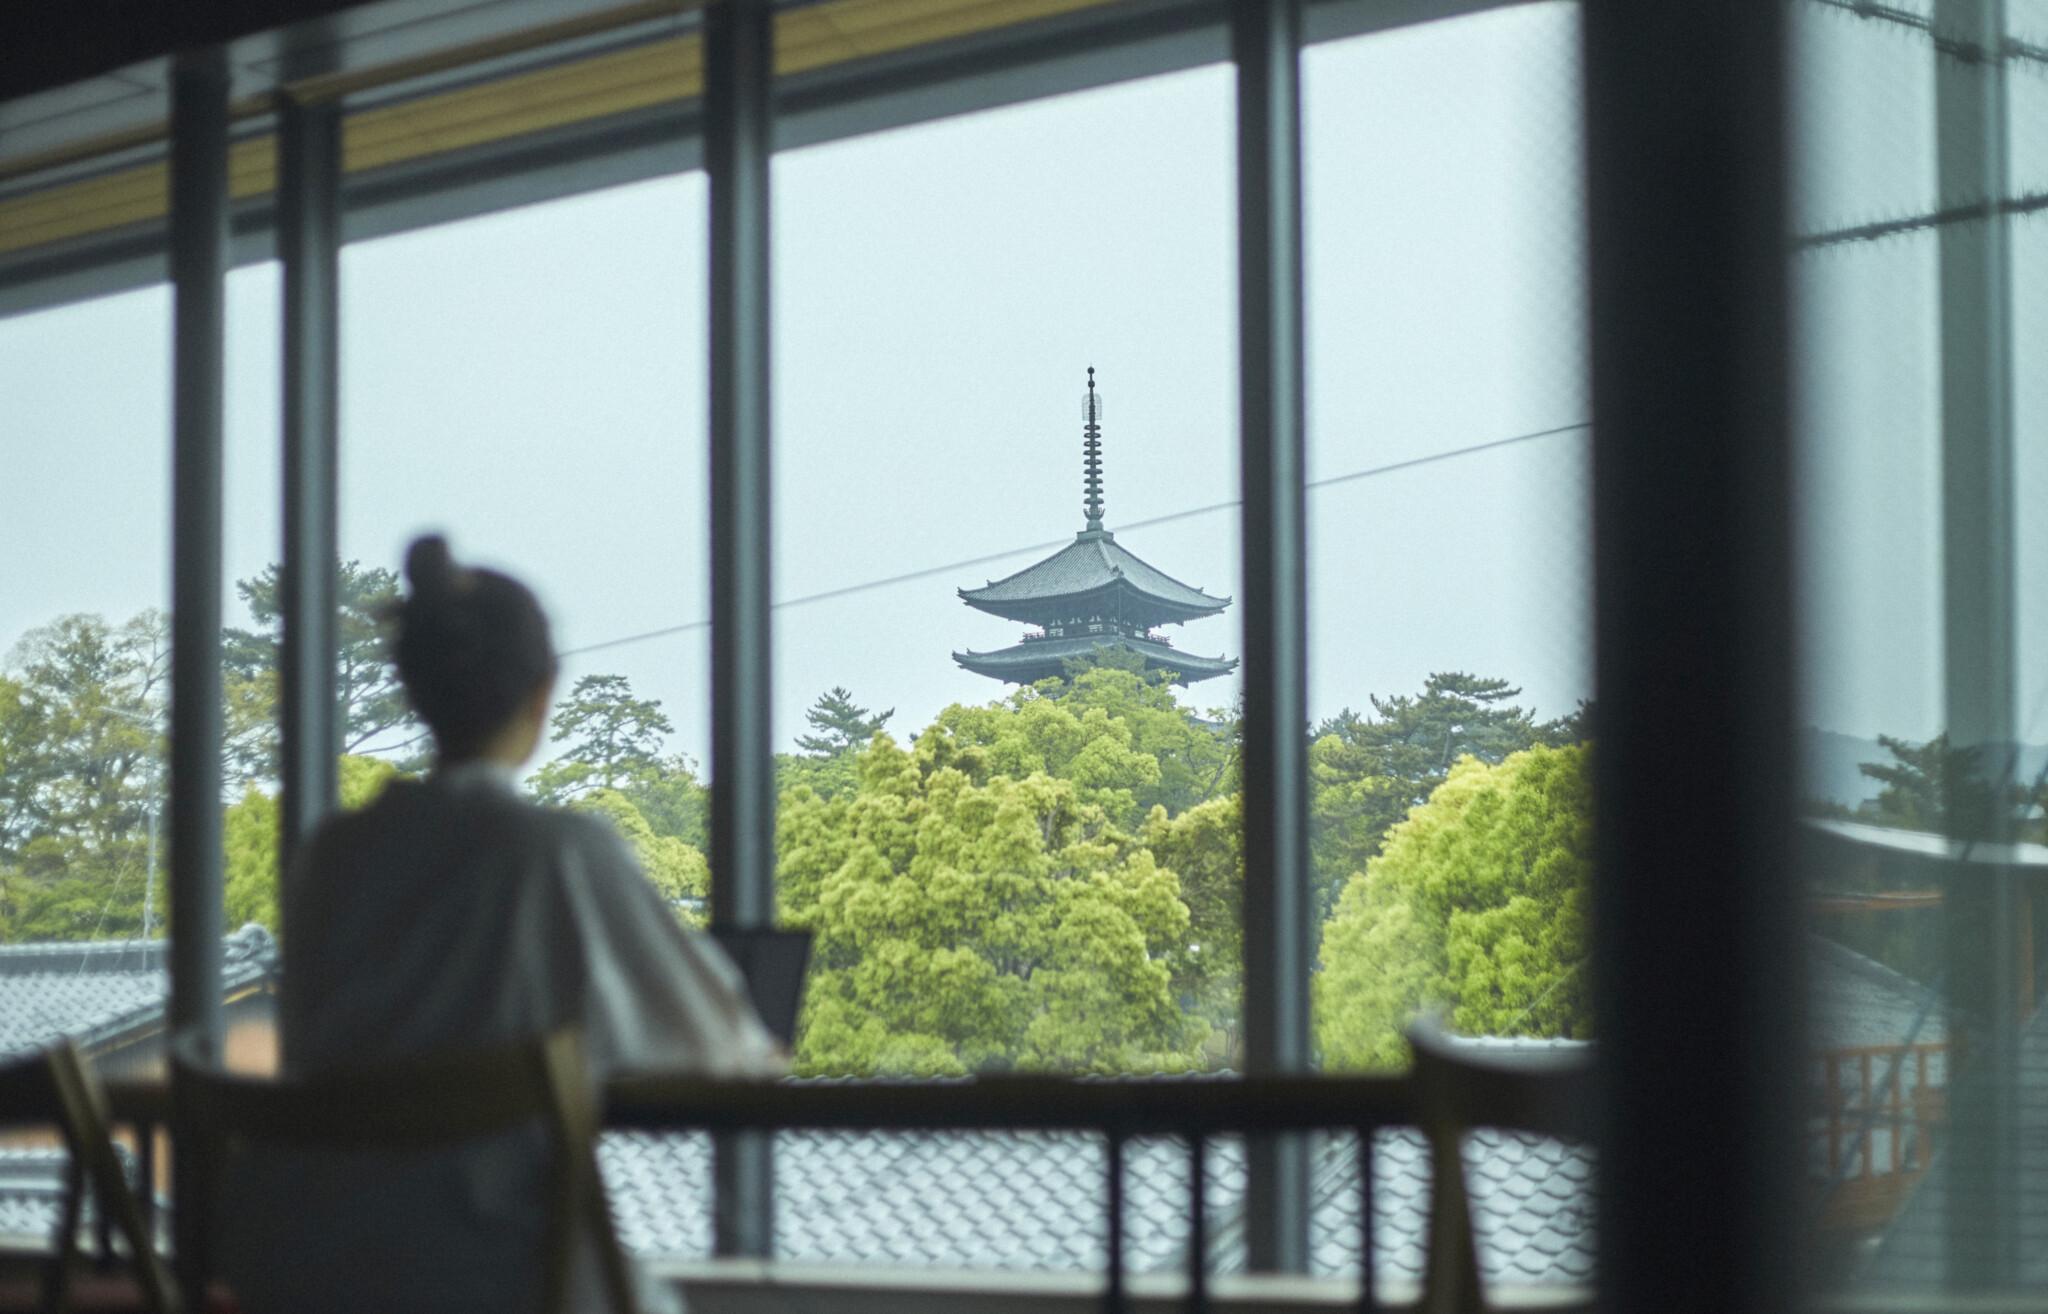 〈中川政七商店〉初の商業施設が奈良にオープン。未来へと日本の工芸をつなぐ、〈鹿猿狐ビルヂング〉の挑戦。